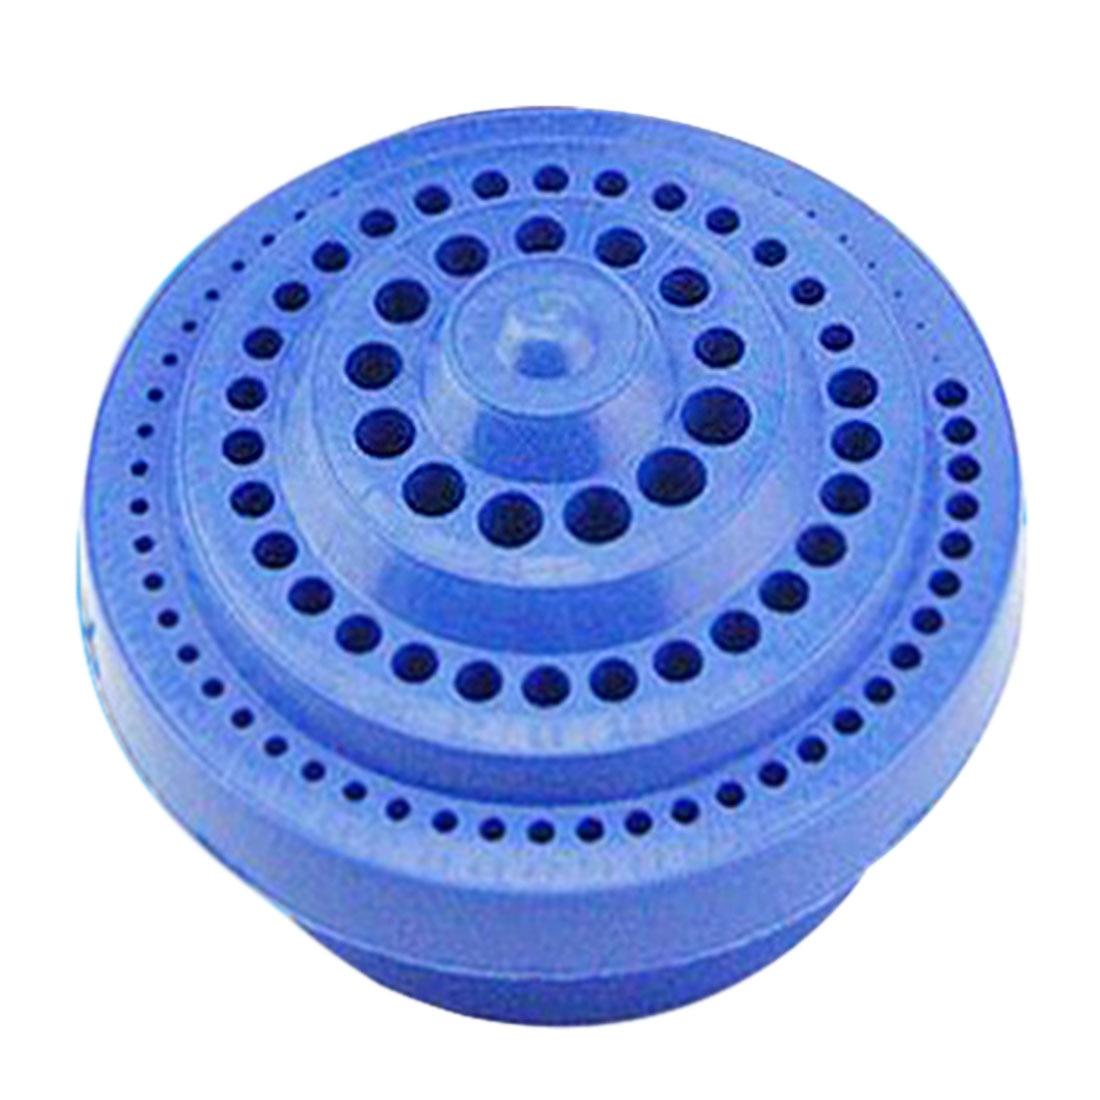 цена на Hot!1pcs Round Shape Plastic Hard 100pcs 1-13mm Drill Bit Storage Case Blue